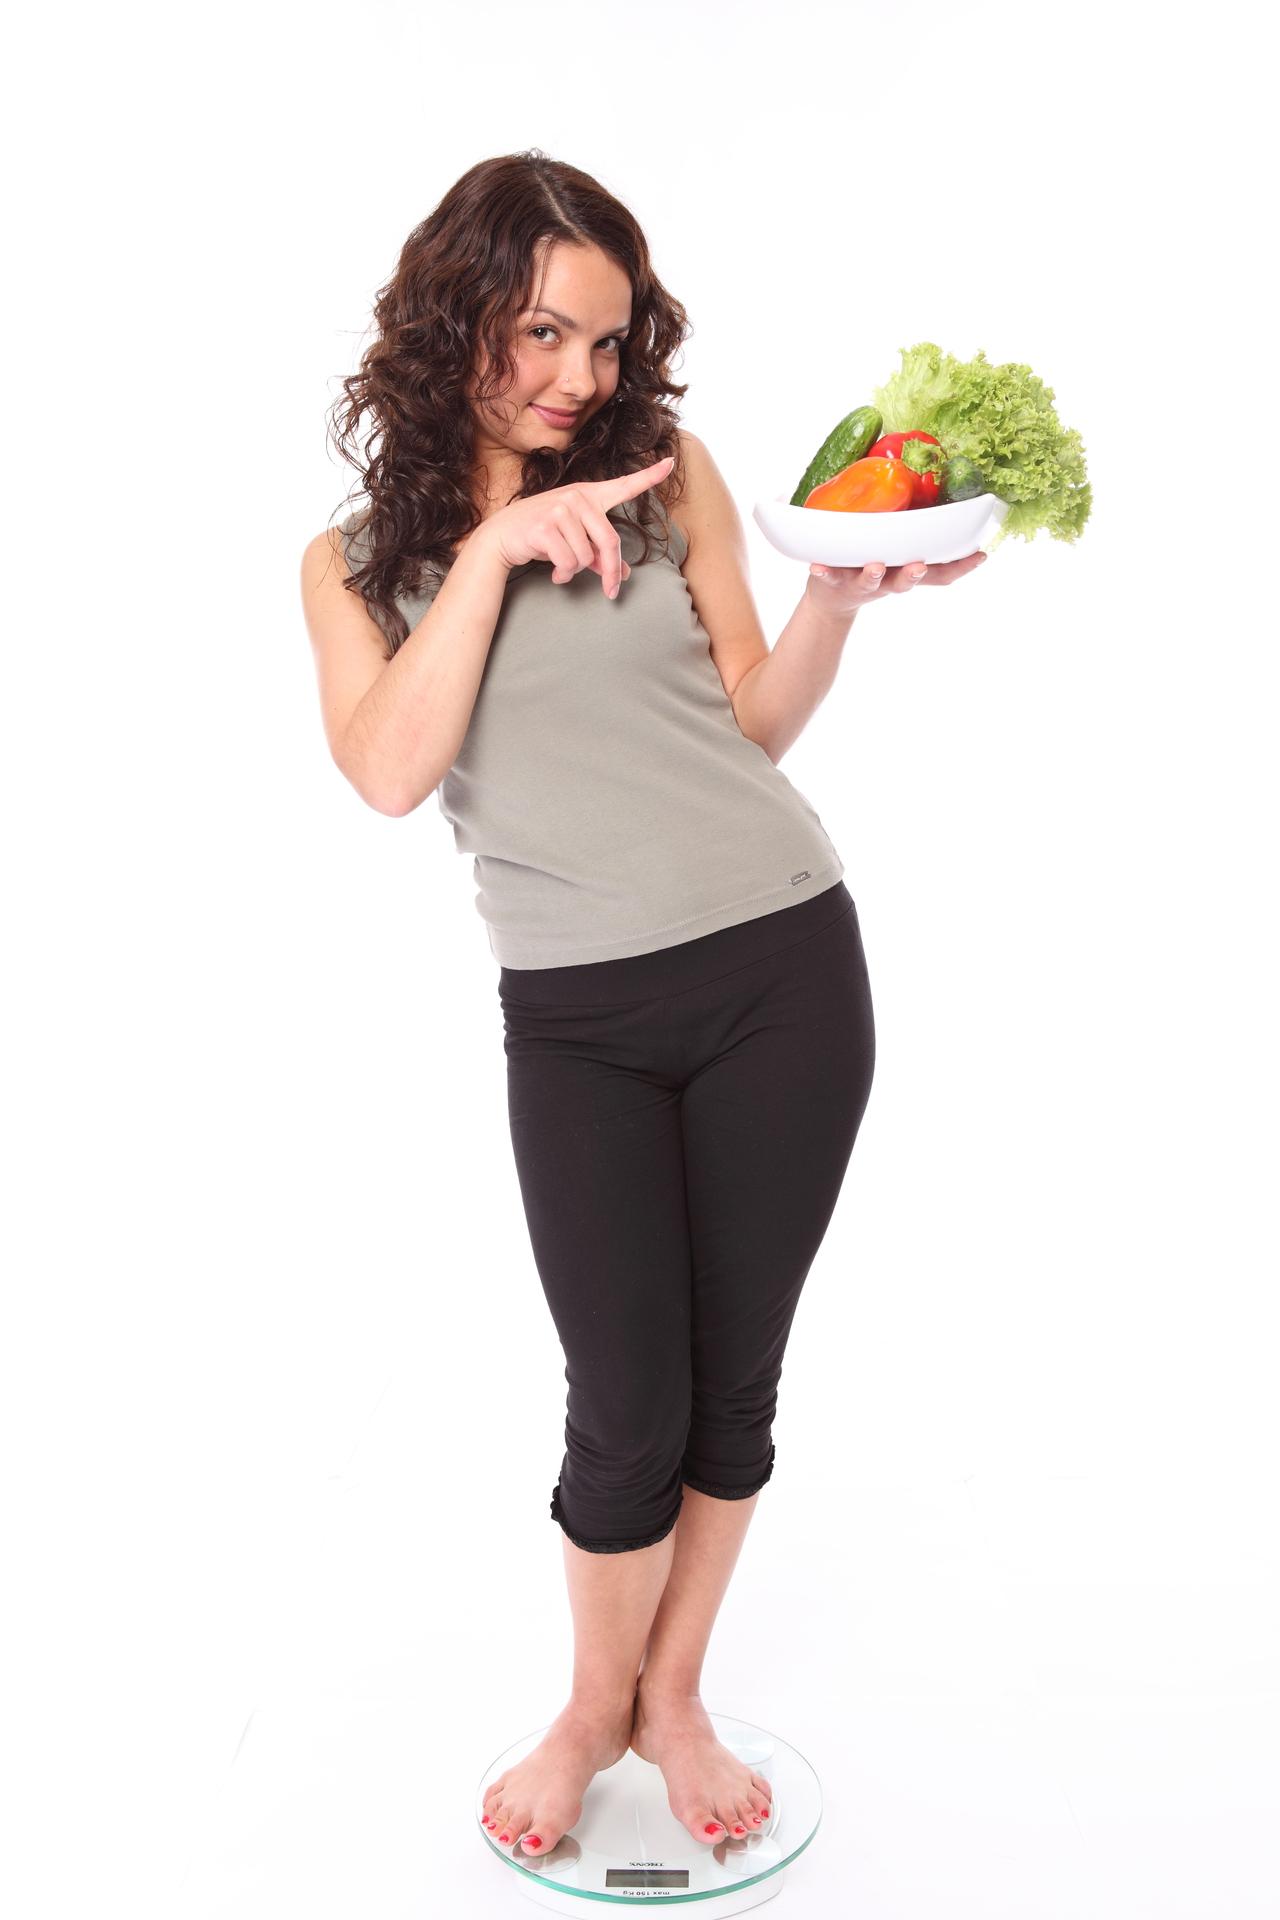 Похудение Подростка Диета. Как похудеть подростку: советы, меню на неделю